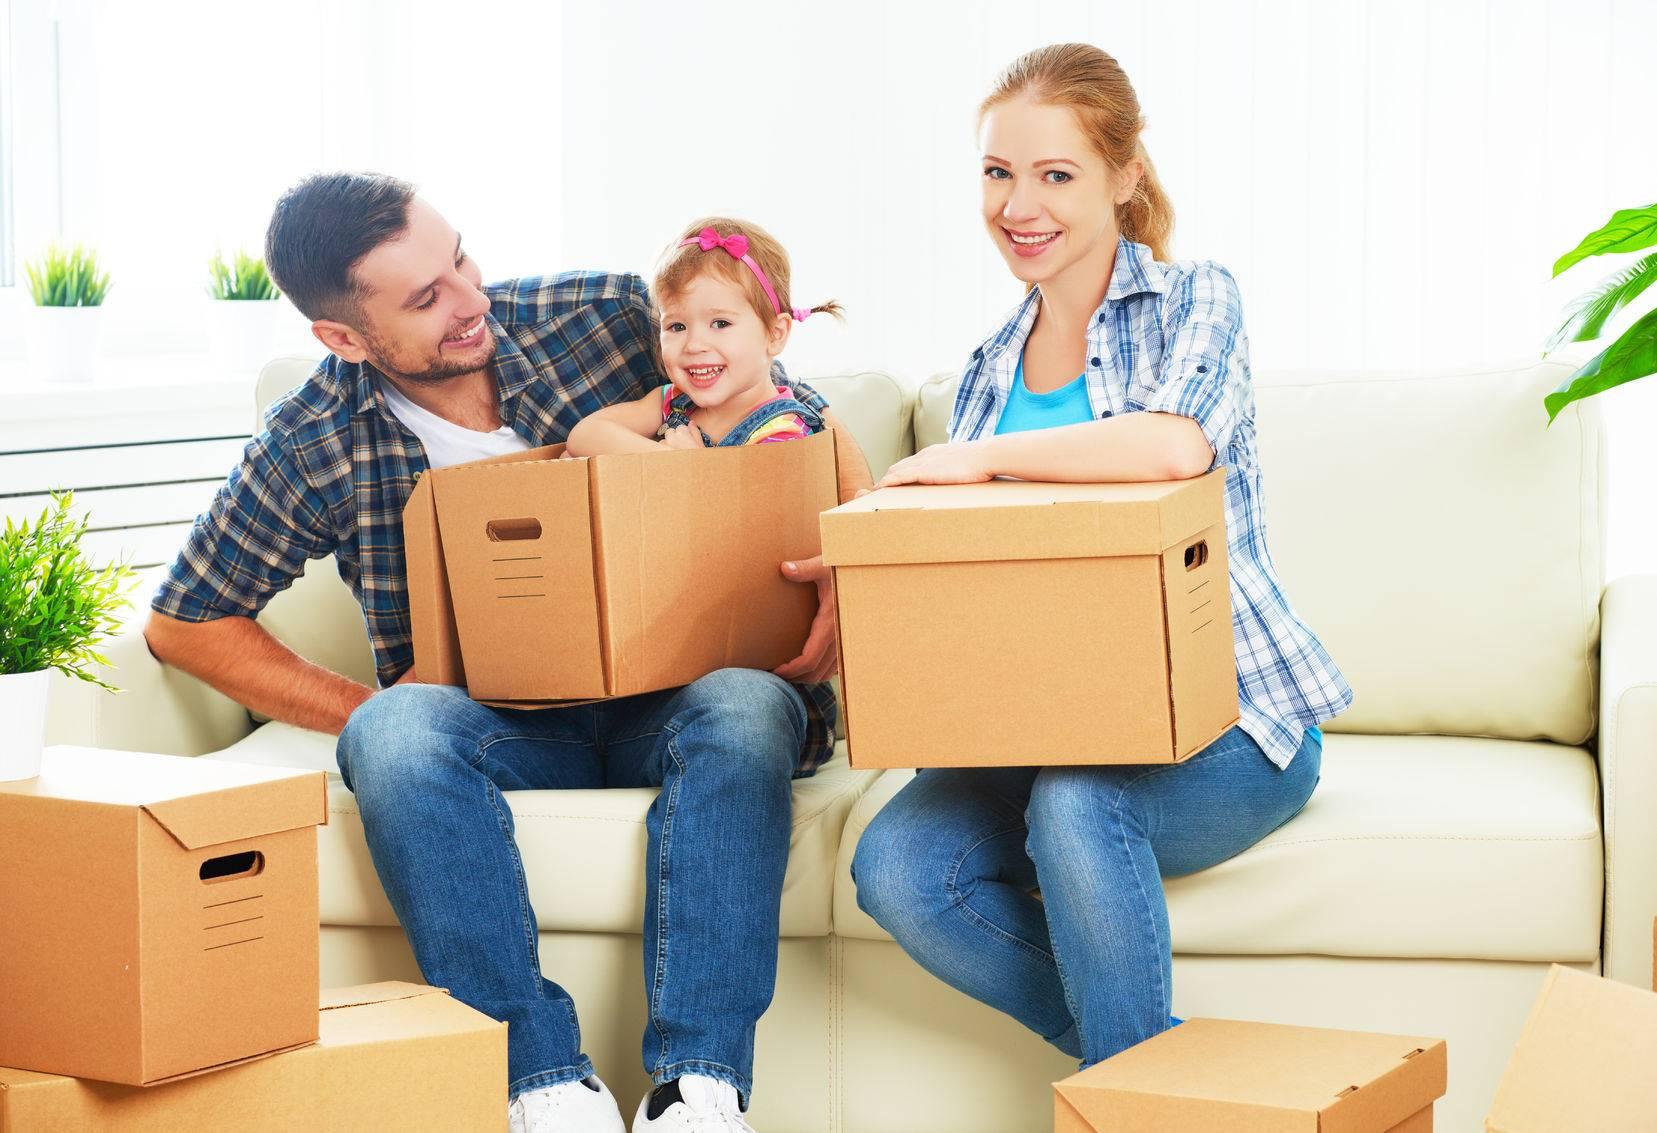 С чего начать переезд в другой город: полезные советы и рекомендации, первые шаги